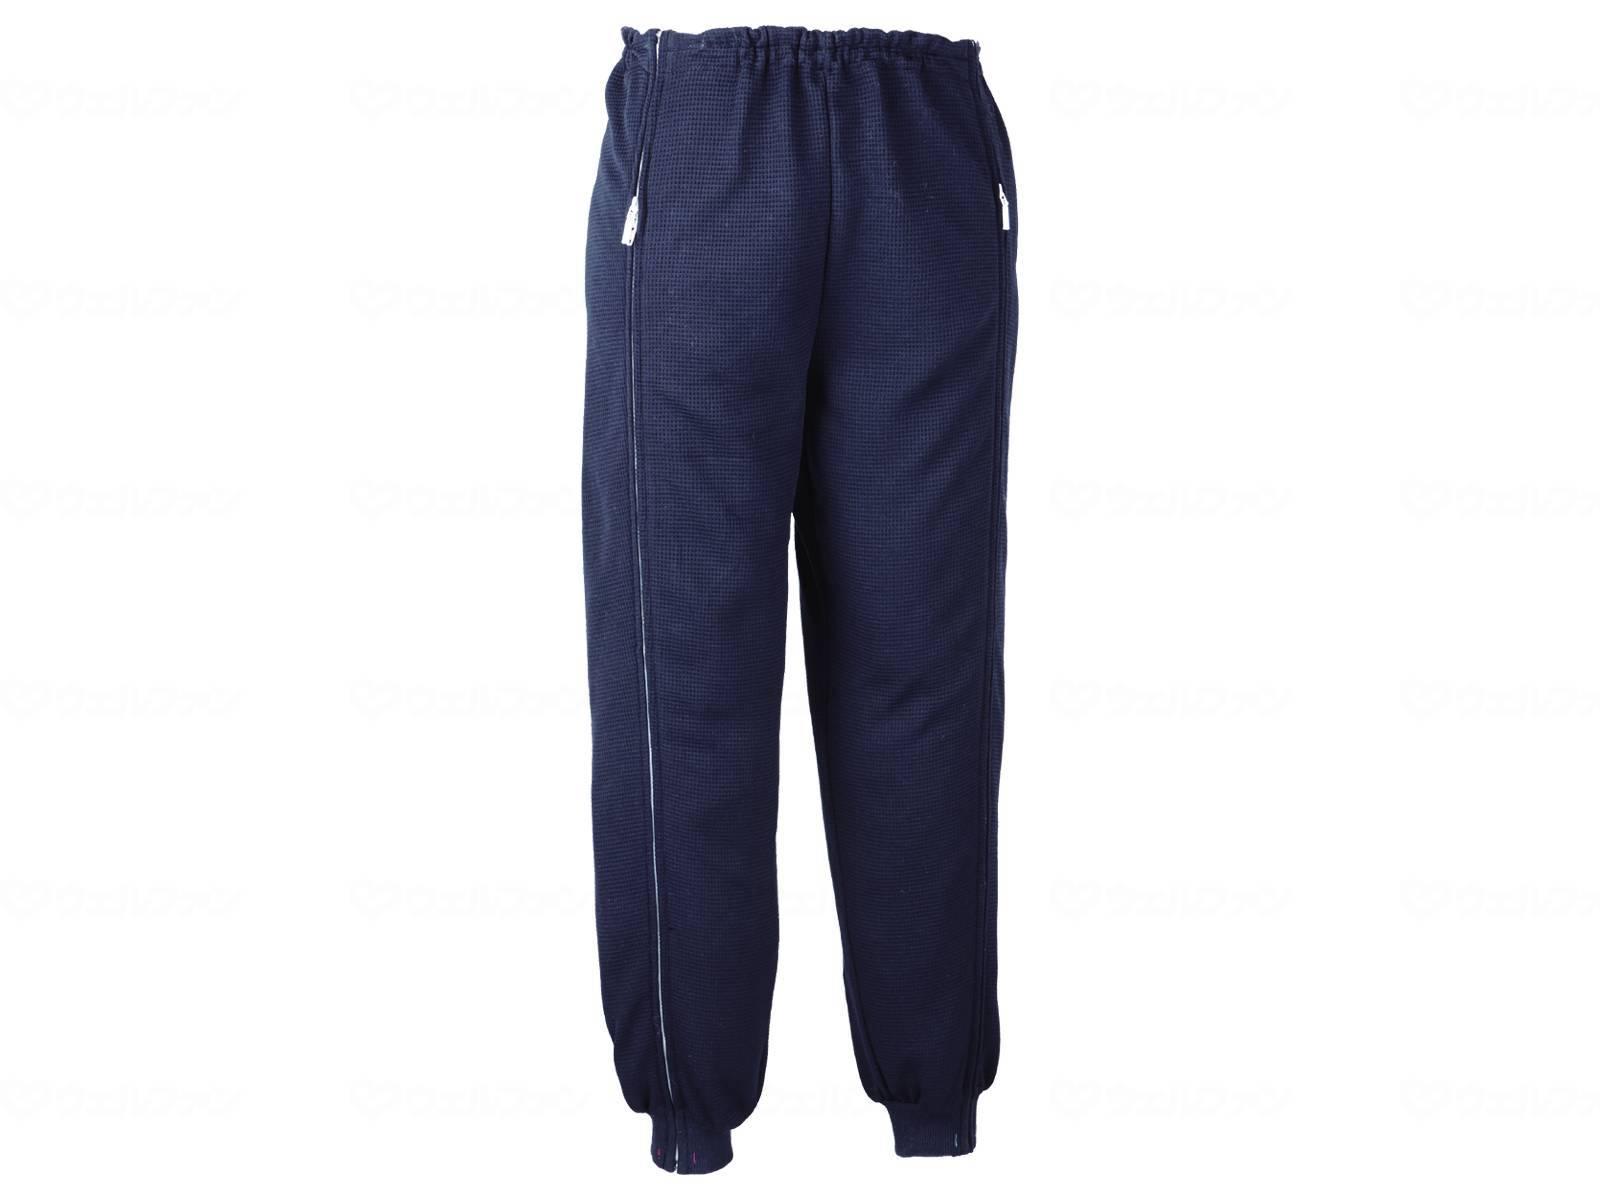 スクエアニット裾リブ付き全開ズボンの画像